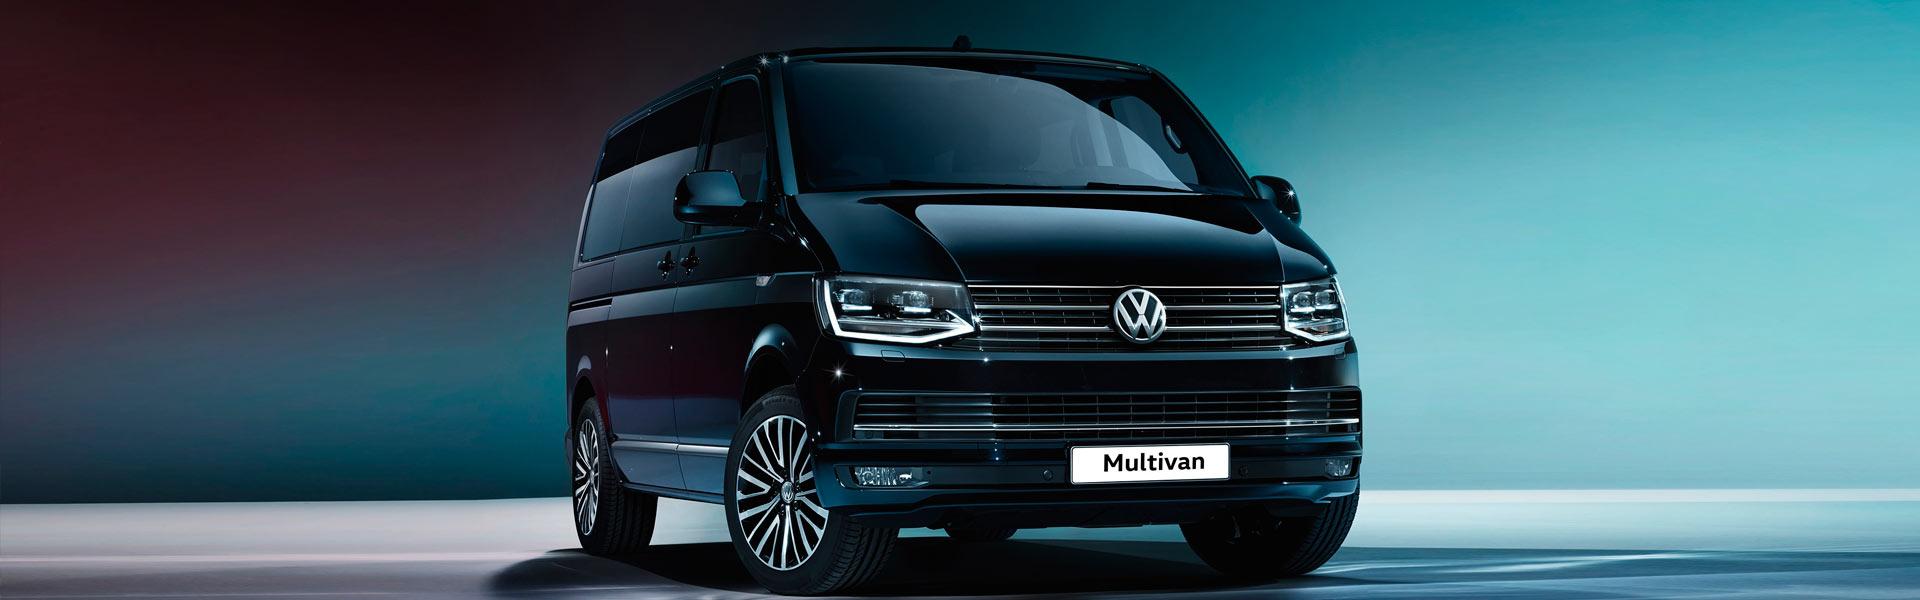 Сервис Volkswagen Multivan